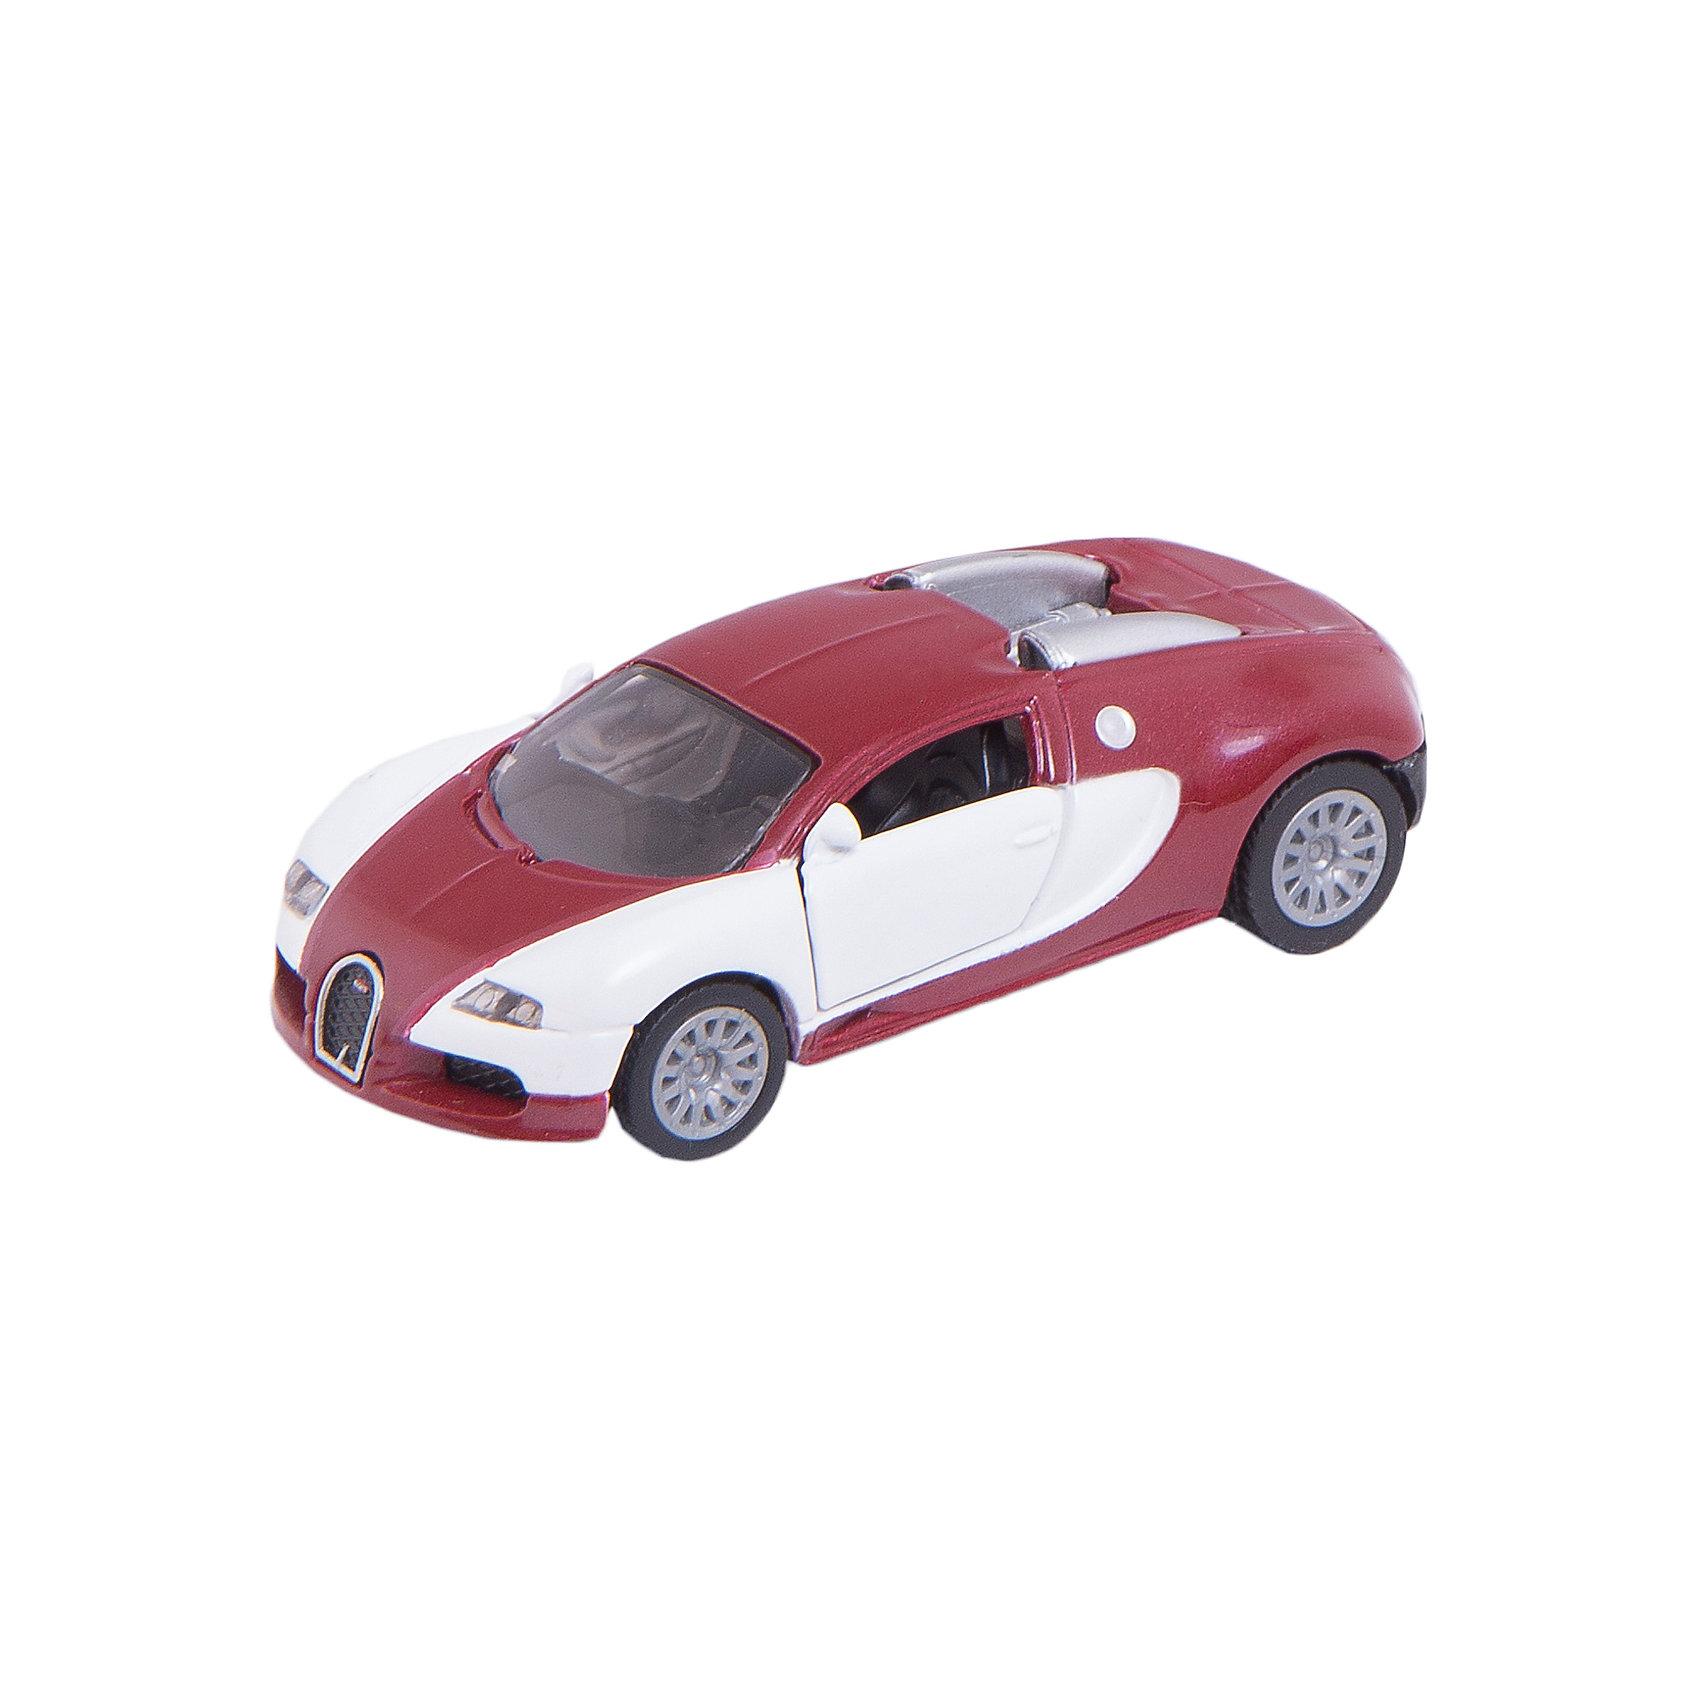 SIKU 1305 Бугатти EB 16.4 ВейронМашинки<br>Игрушечная модель Bugatti EB 16.4 Veyron (Бугатти Вейрон)из серии Siku Super. 1001 лошадиная сила;в карманном формате. Теперь каждый может позволить себе этот великолепный спортивный автомобиль в виде модели SIKU. Красивая двухцветная модель притягивает взгляд; однако она может похвастаться не только изысканными цветами, но и мощными широкопрофильными шинами на реалистичных дисках, детализированным двигателем и открывающимися дверями.Игрушечные модели SIKU уже более 50 лет отличаются высоким качеством и безопасностью. Они имеют сертификаты T?V и GS, изготавливаются в соответствии с актуальными предписаниями по безопасности и отмечены знаком SPIEL GUT.<br>      <br> Дополнительная информация:<br>   <br>- Размеры машинки:  Д/Ш/В: 82x37x22 мм<br>- Машинку можно катать      <br>    <br>    +++Примечание+++Фирма SIKU оставляет за собой право на изменение цвета и технических характеристик моделей. При демонстрации новинок в ряде случаев используются оригинальные фотографии и прототипы. Поставляемая модель может отличаться от представленной на фотографии.<br>    <br>Машинку SIKU 1305 Бугатти EB 16.4 Вейрон можно купить в нашем магазине.<br><br>Ширина мм: 96<br>Глубина мм: 78<br>Высота мм: 40<br>Вес г: 60<br>Возраст от месяцев: 36<br>Возраст до месяцев: 96<br>Пол: Мужской<br>Возраст: Детский<br>SKU: 1520004